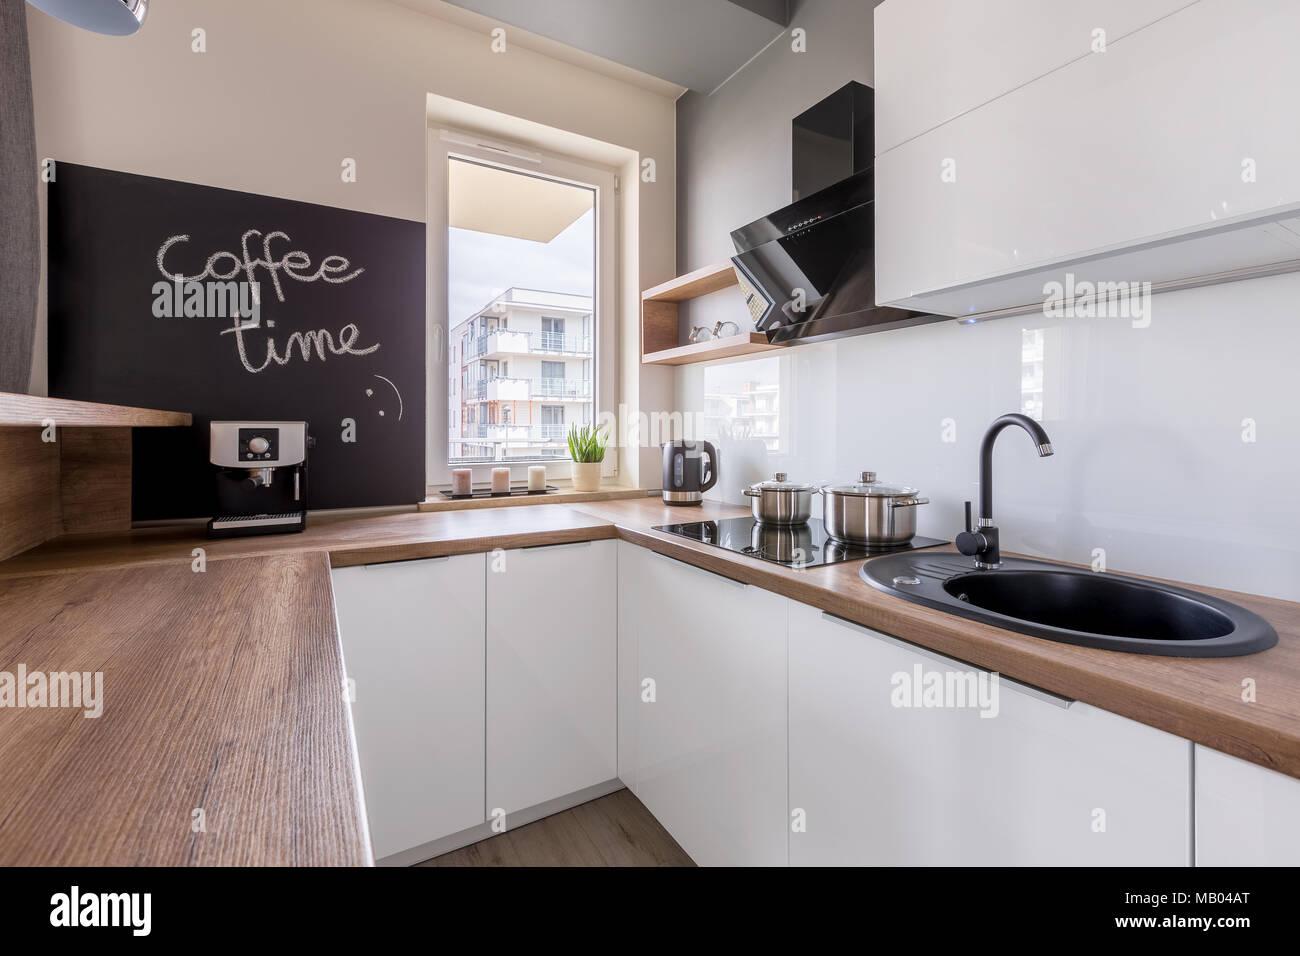 Tolle Küchenwand Lackfarben Mit Dunkelen Schränken Ideen - Ideen Für ...